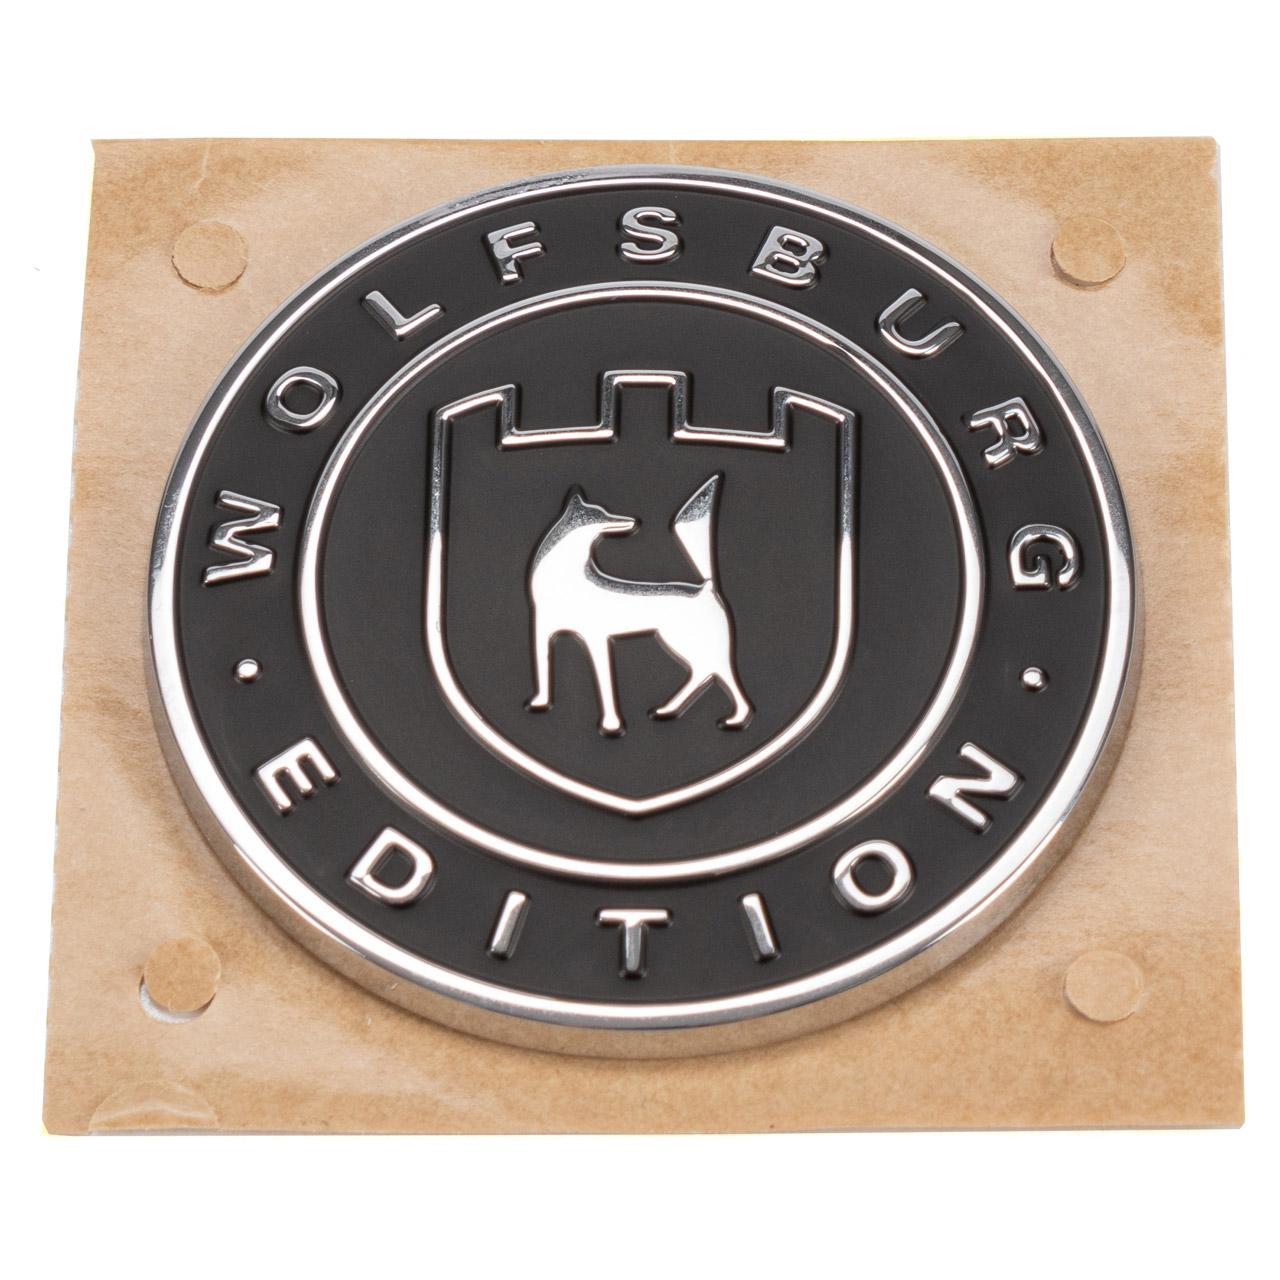 ORIGINAL VW Emblem Schriftzug WOLFBURG EDITION Tiguan Passat B8 seitlich 561853688D YMS